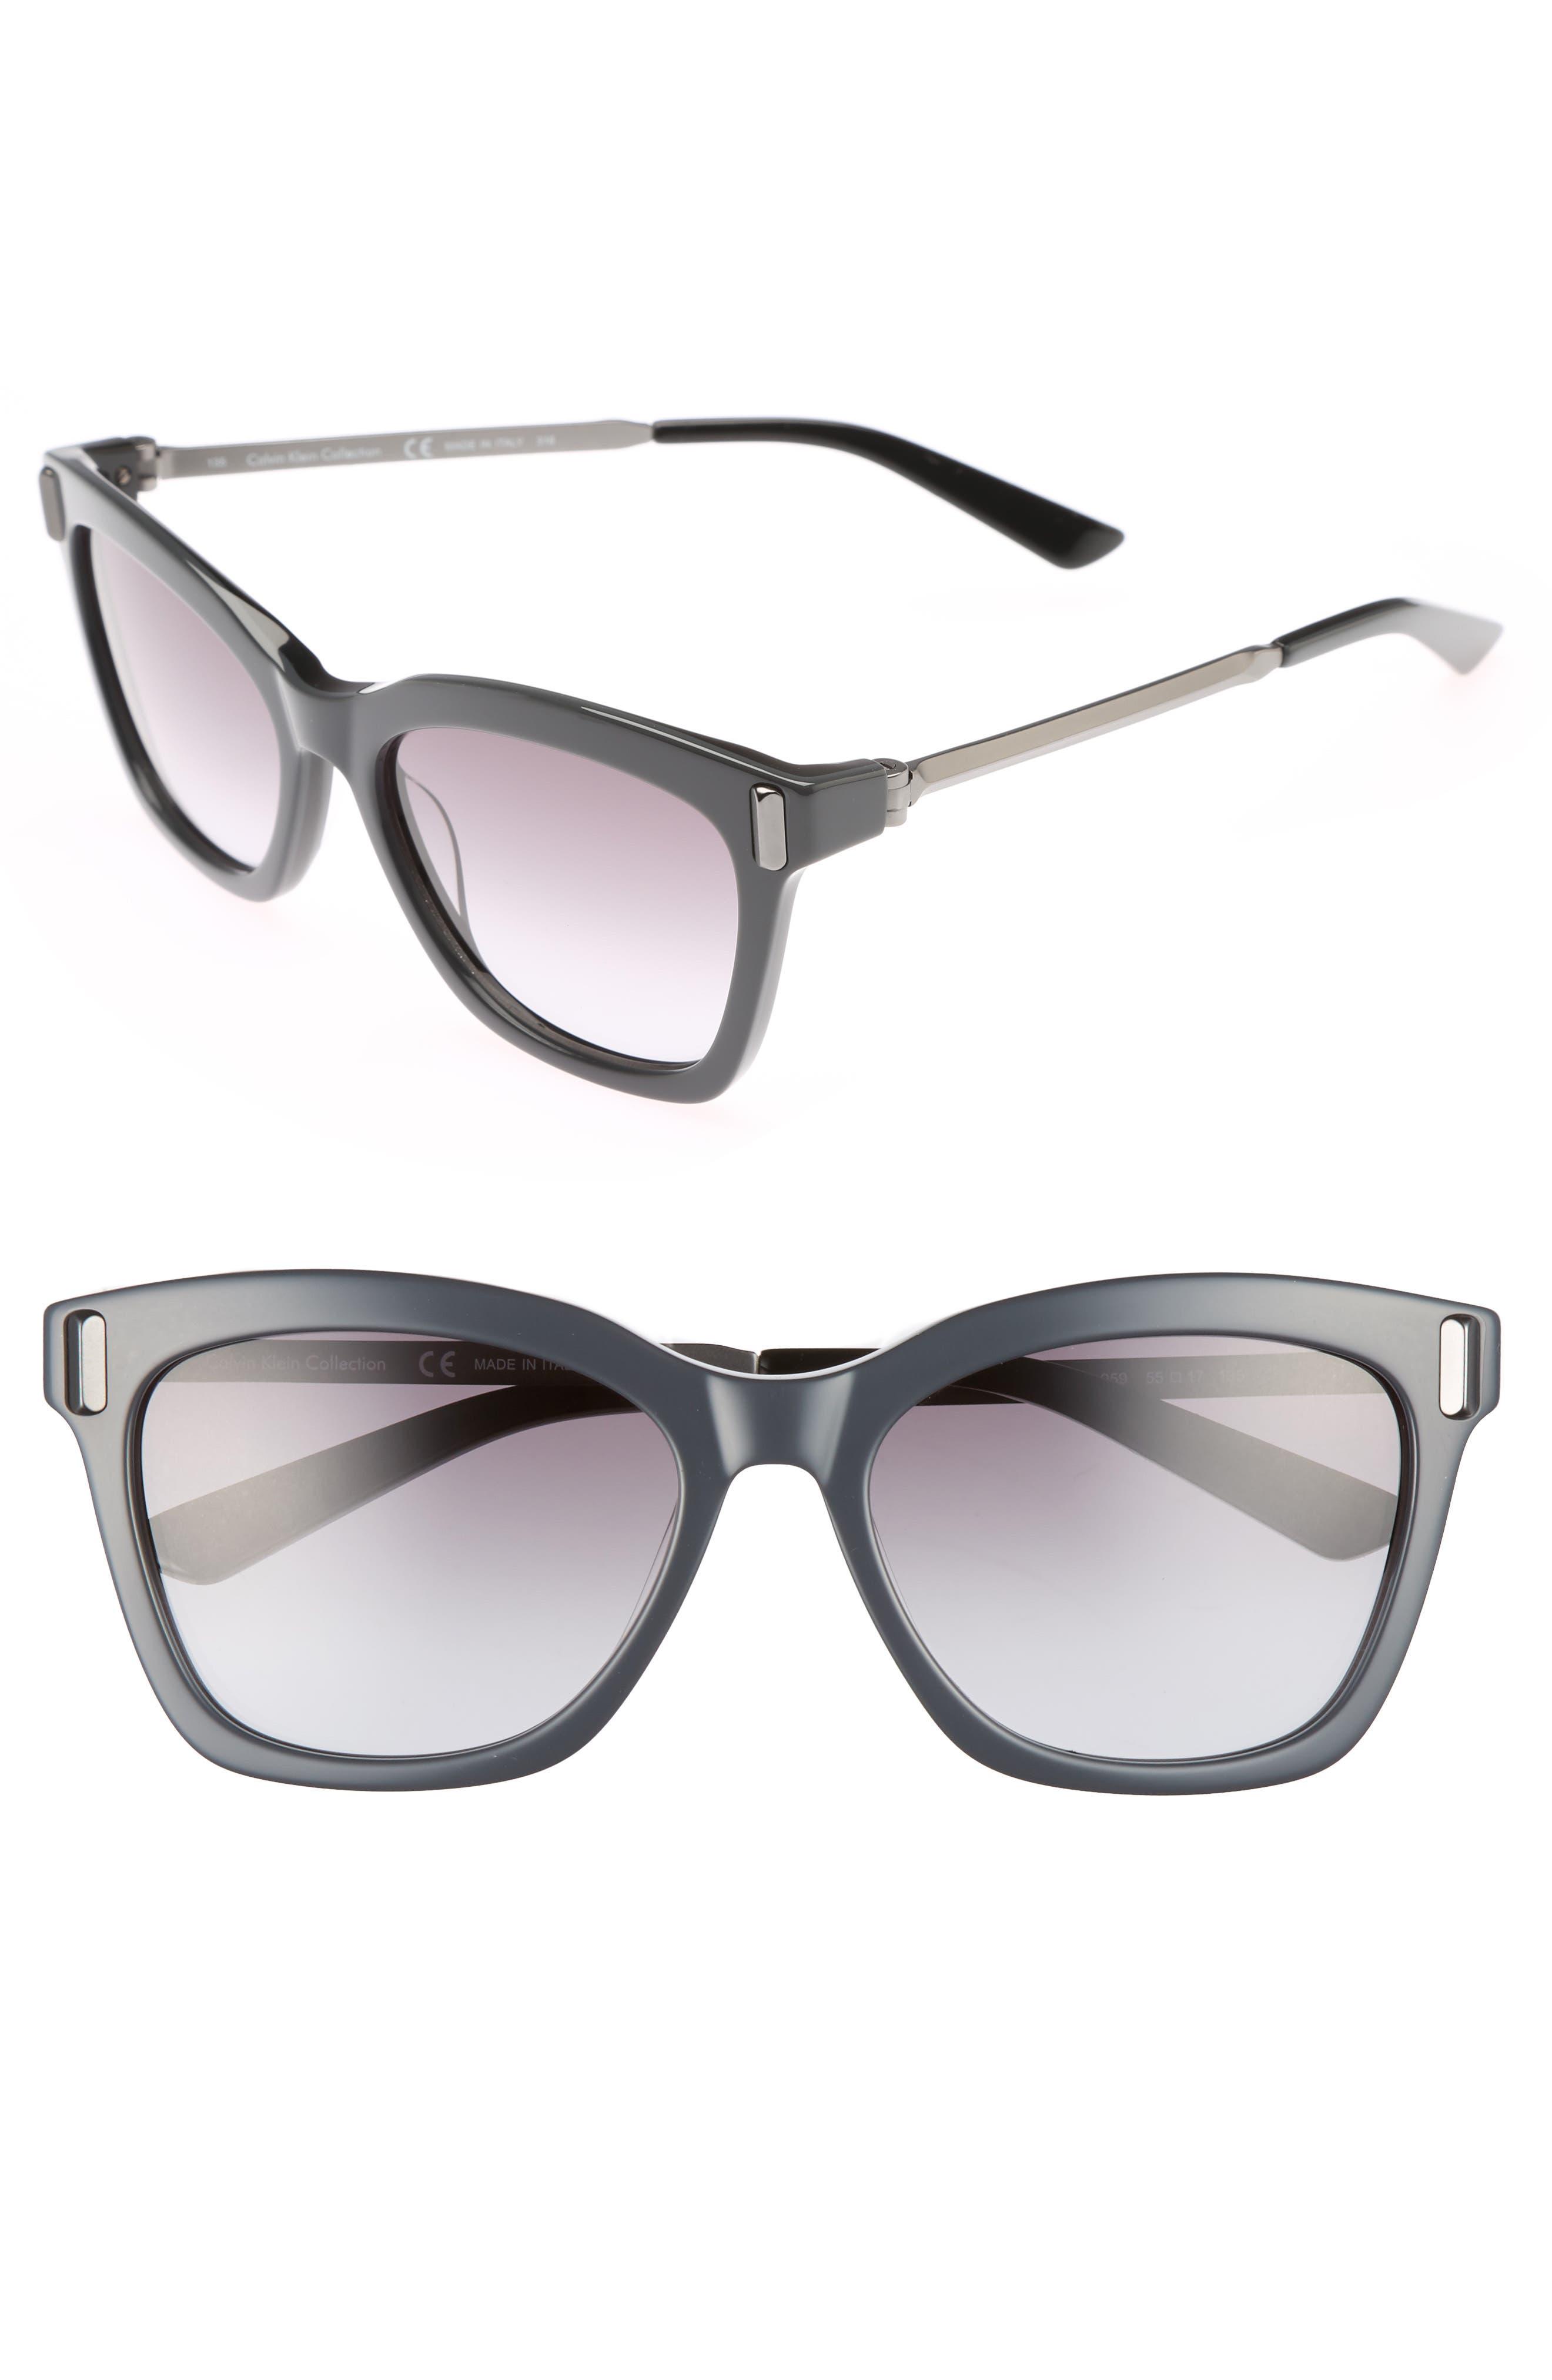 55mm Square Sunglasses,                             Main thumbnail 1, color,                             Jet/ Black